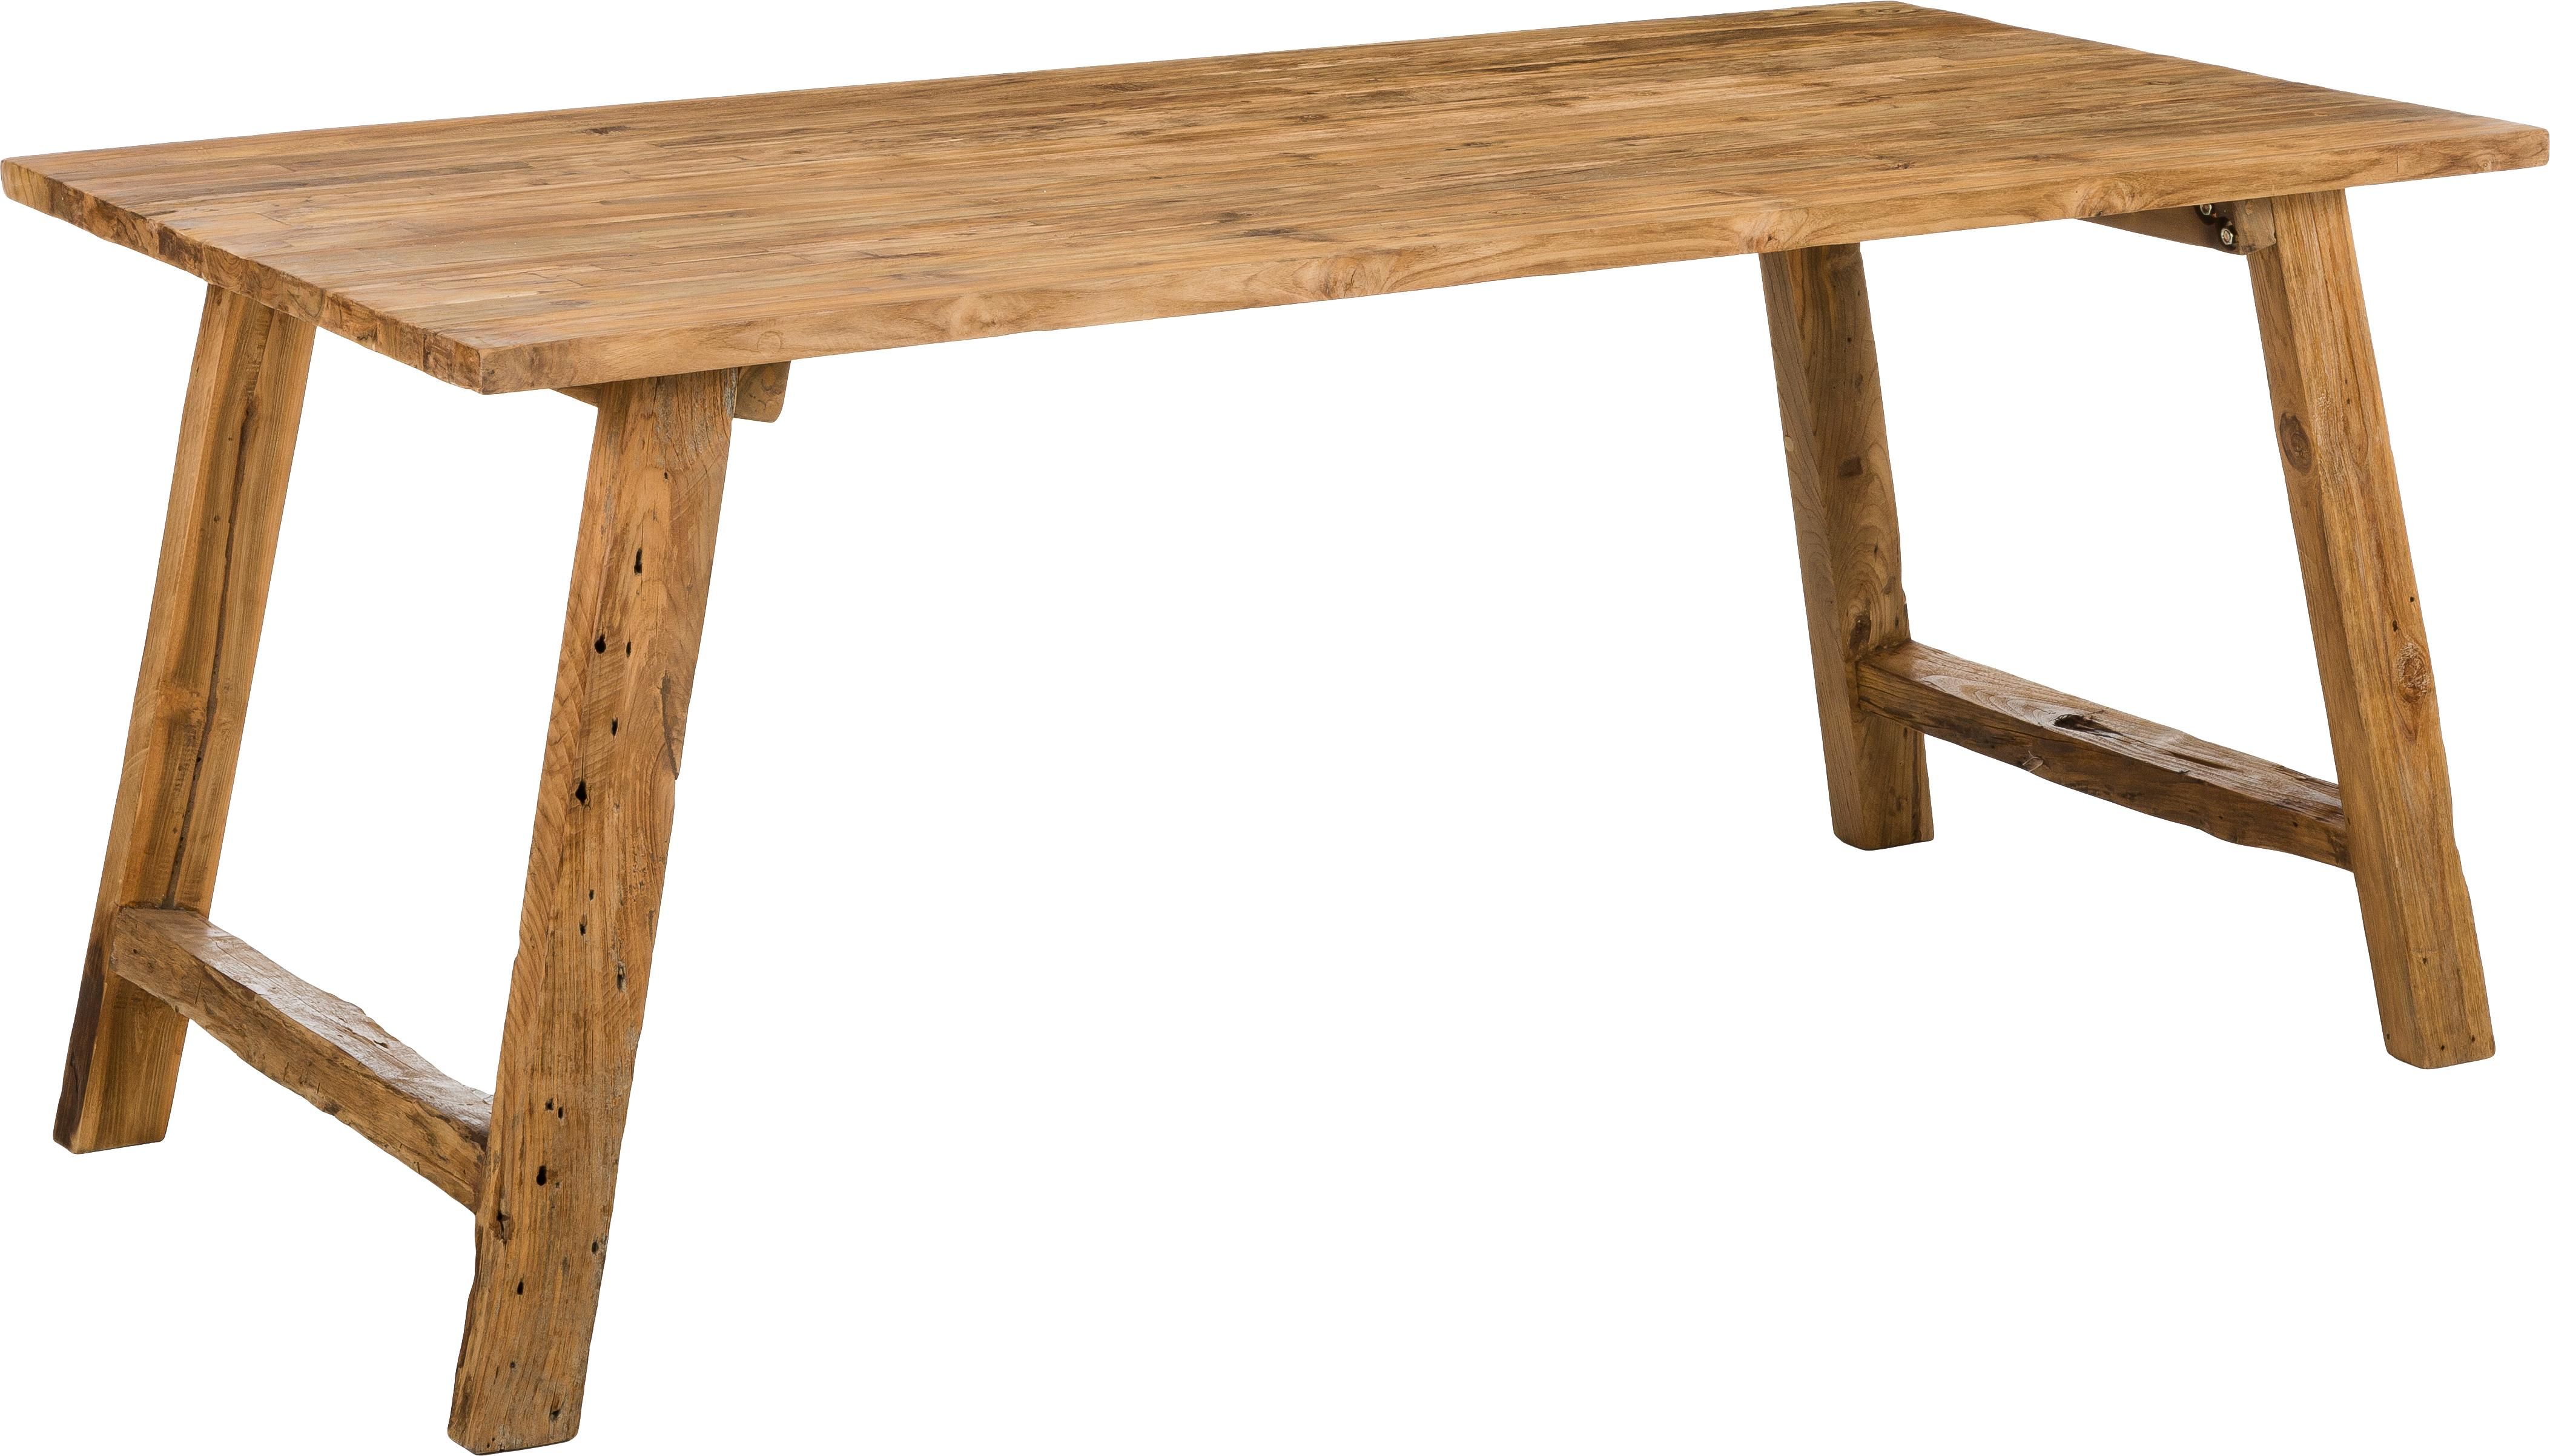 Massief houten eettafel Lawas van teakhout, Natuurlijk teakhout, Teakhoutkleurig, B 180 x D 90 cm